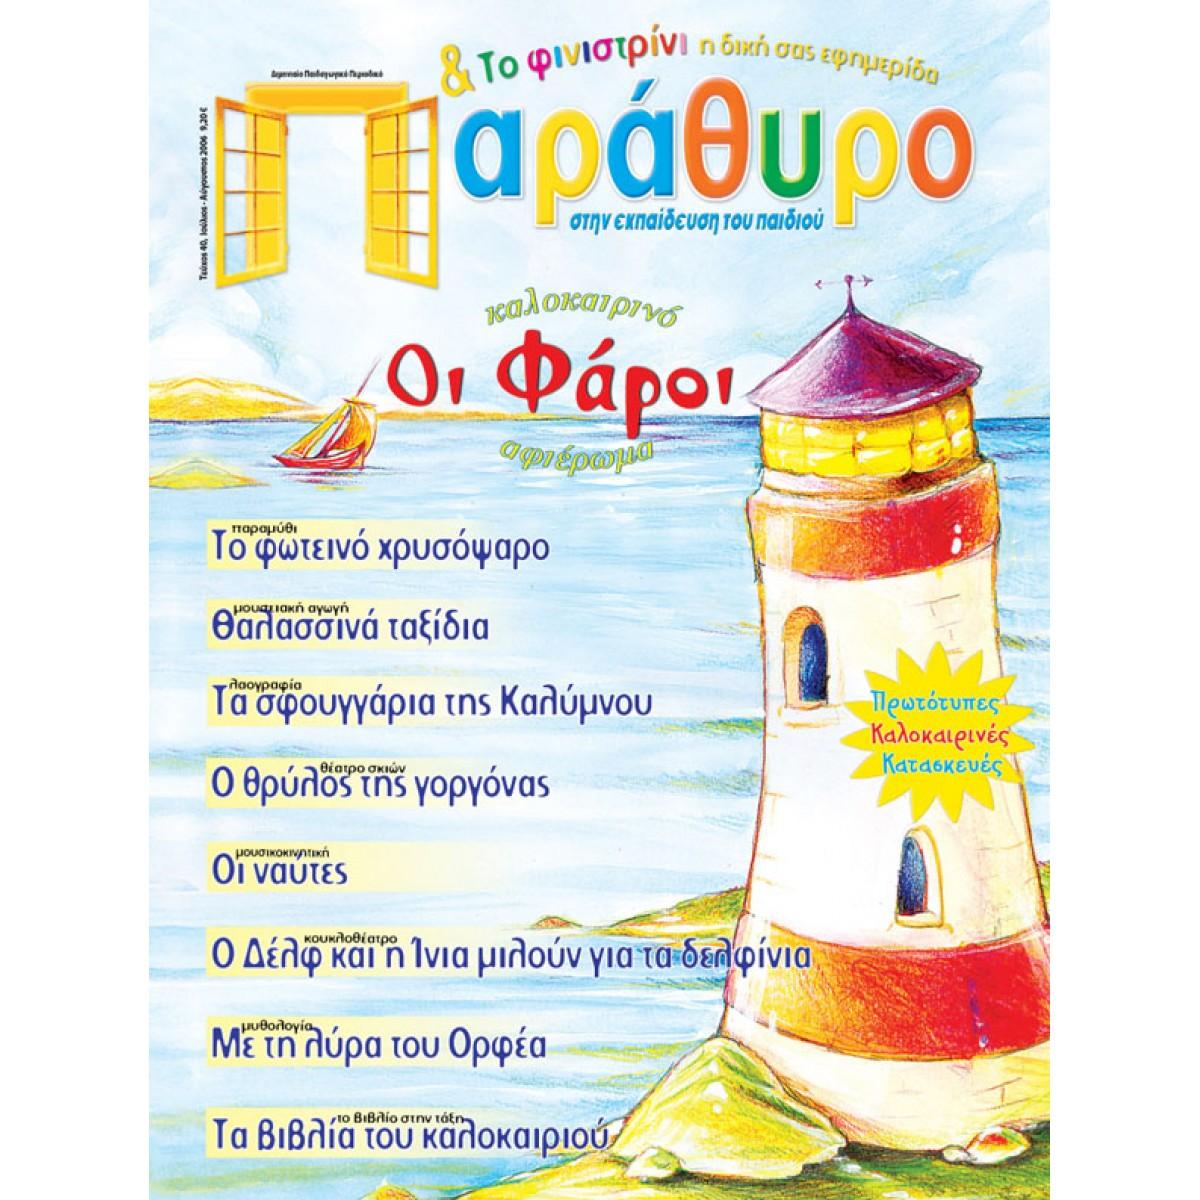 ΠΑΡΑΘΥΡΟ ΤΕΥΧΟΣ 40 Περιοδικό Παράθυρο